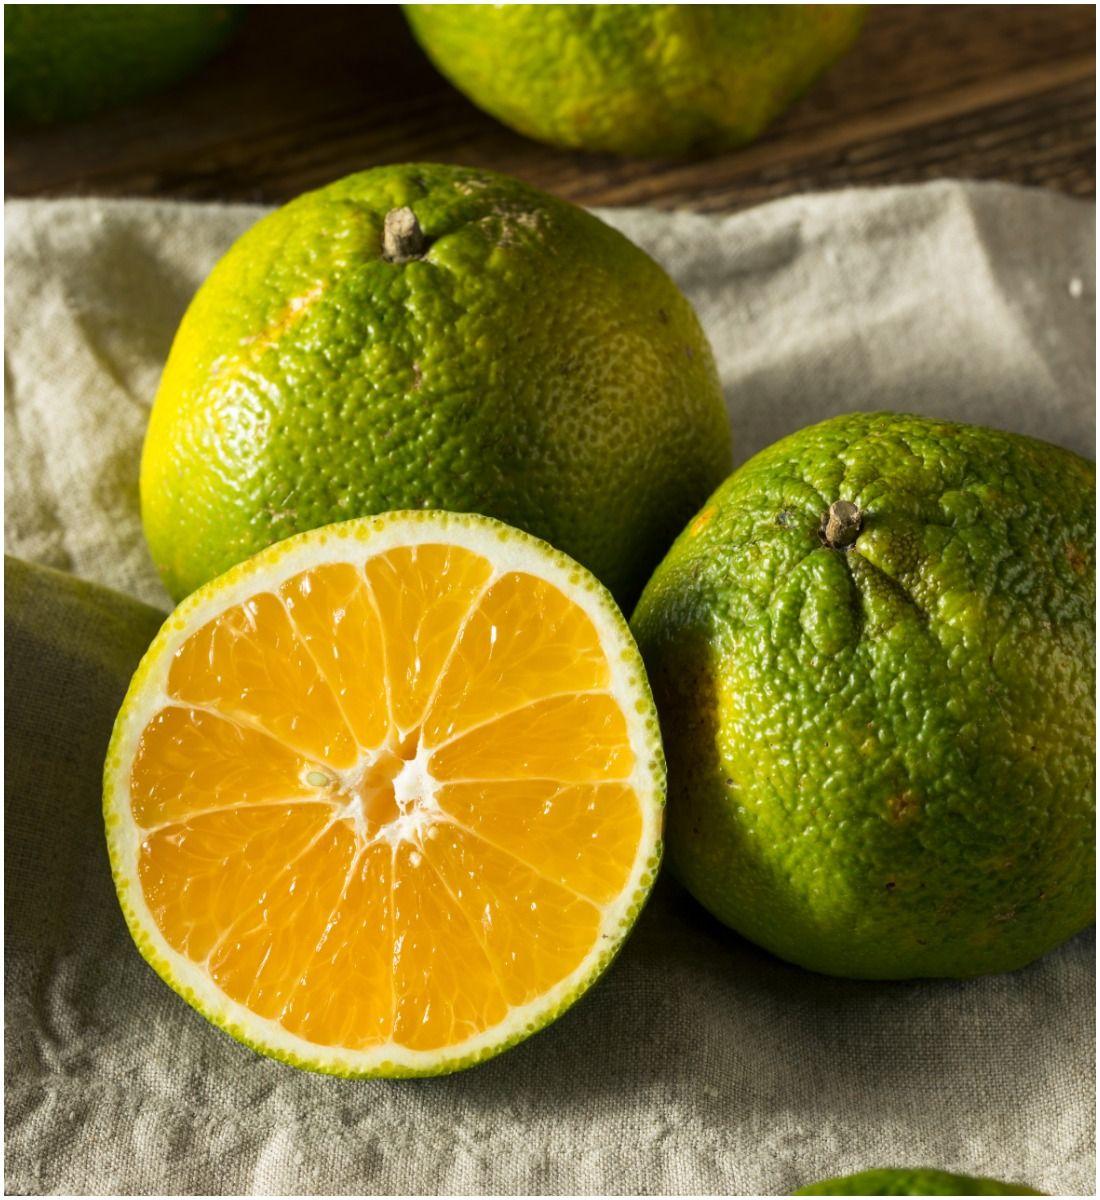 Ugli Fruit